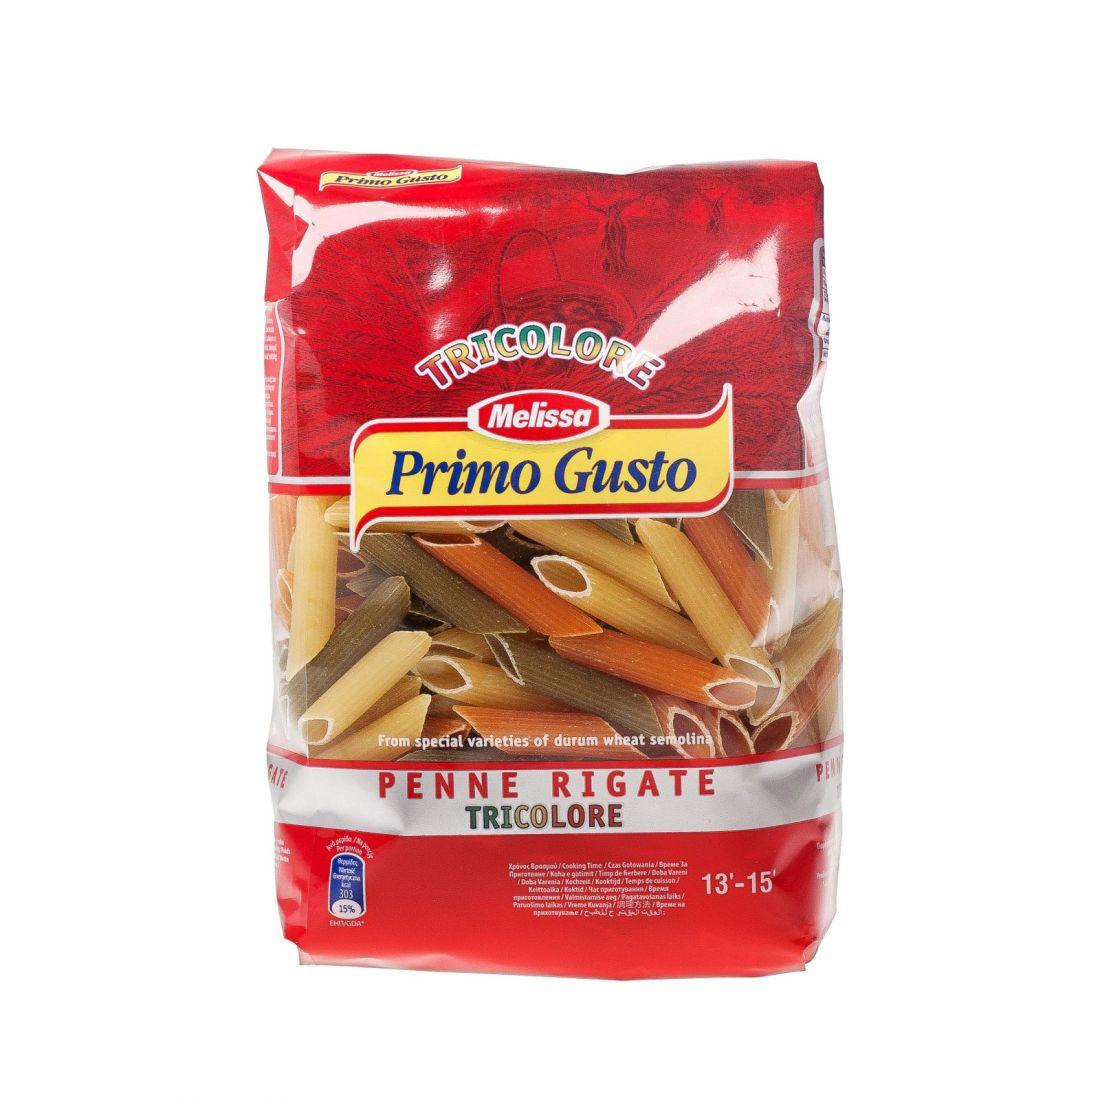 Паста «Пенне Ригате Триколор» томатно-шпинатная Melissa-Primo Gusto 500 гр